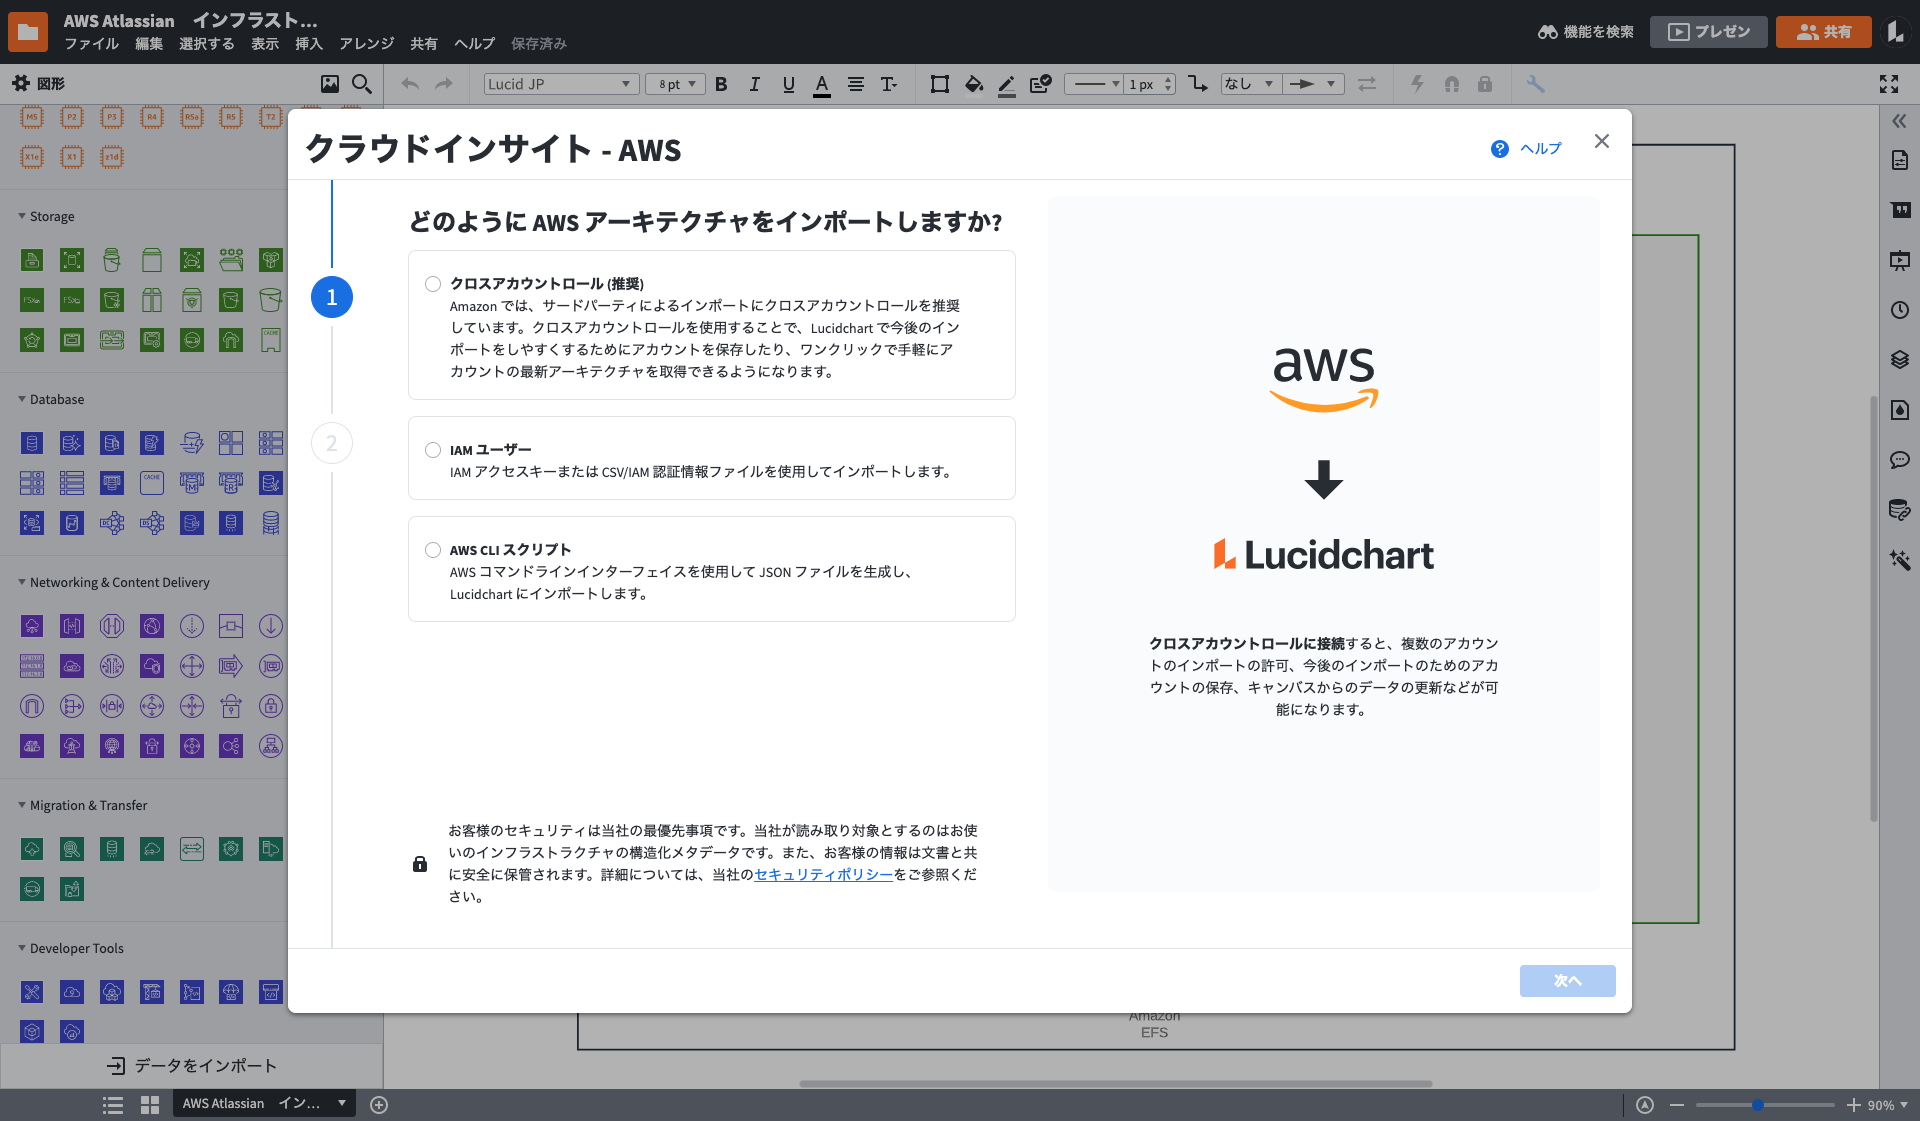 クラウド作動AWSサーバー構成図ツール